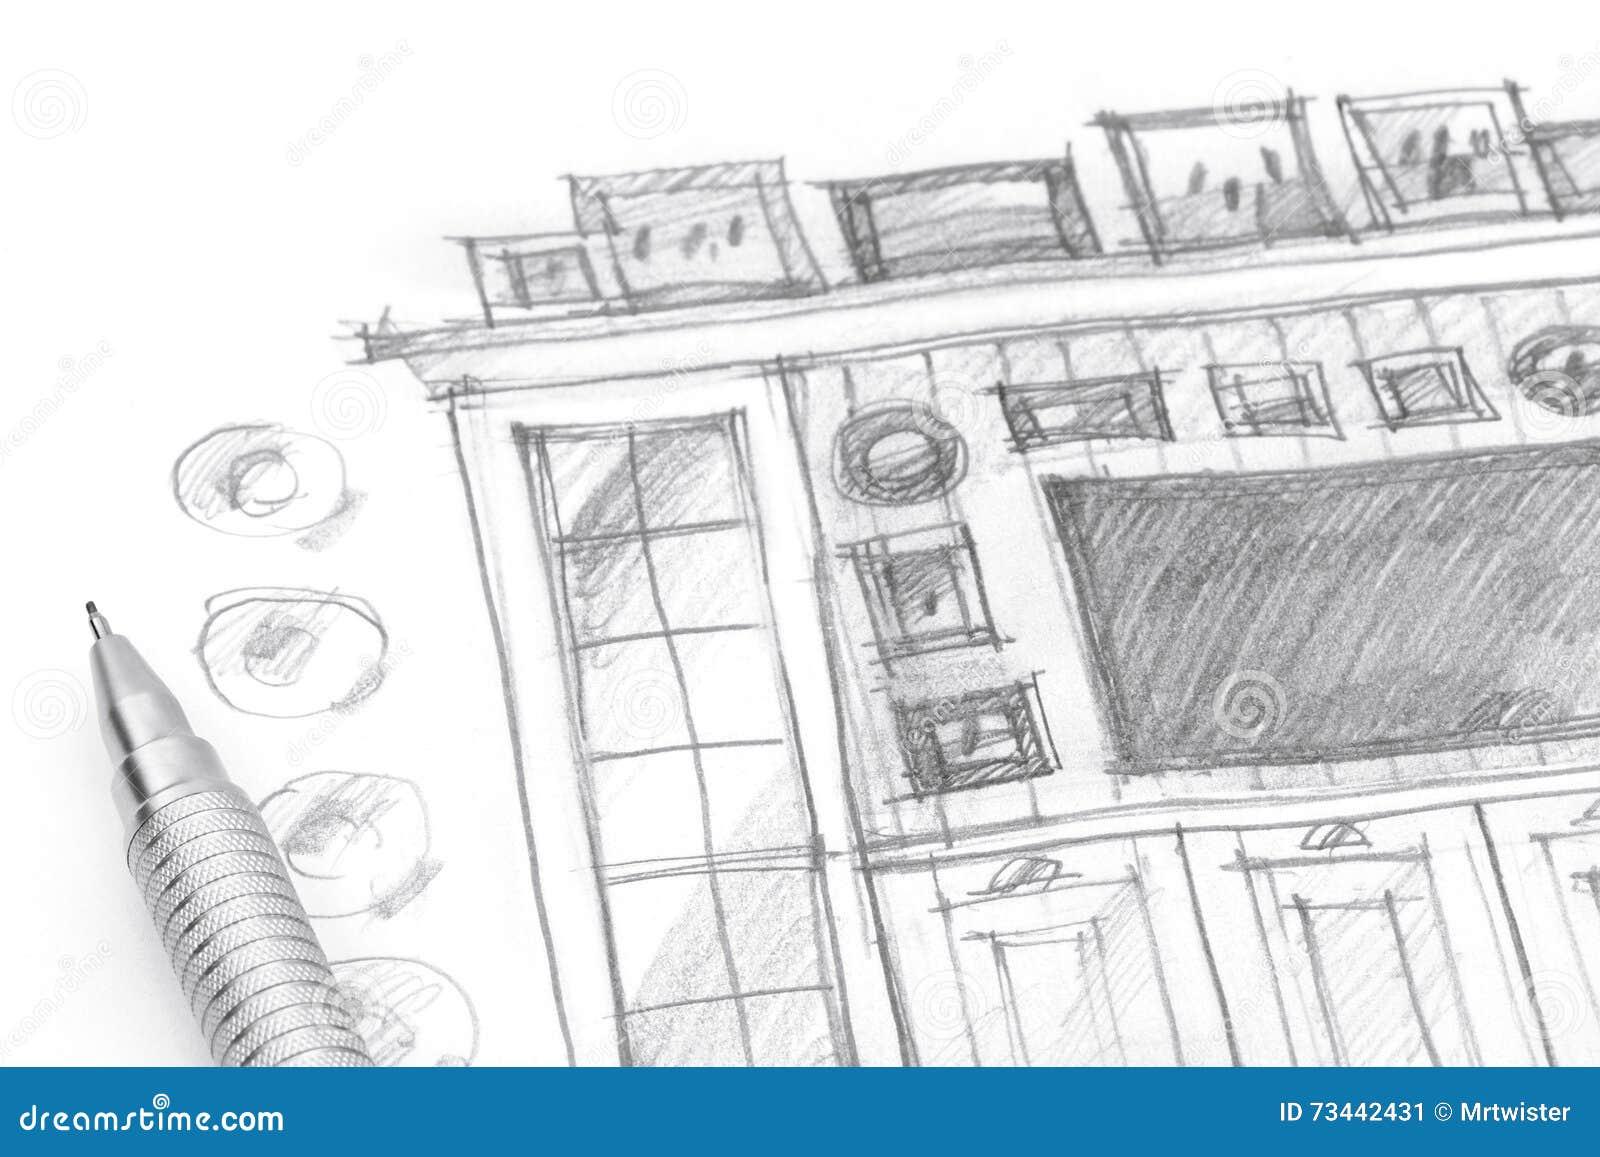 dibujo en blanco y negro de una idea para el sitio de los nios con muebles